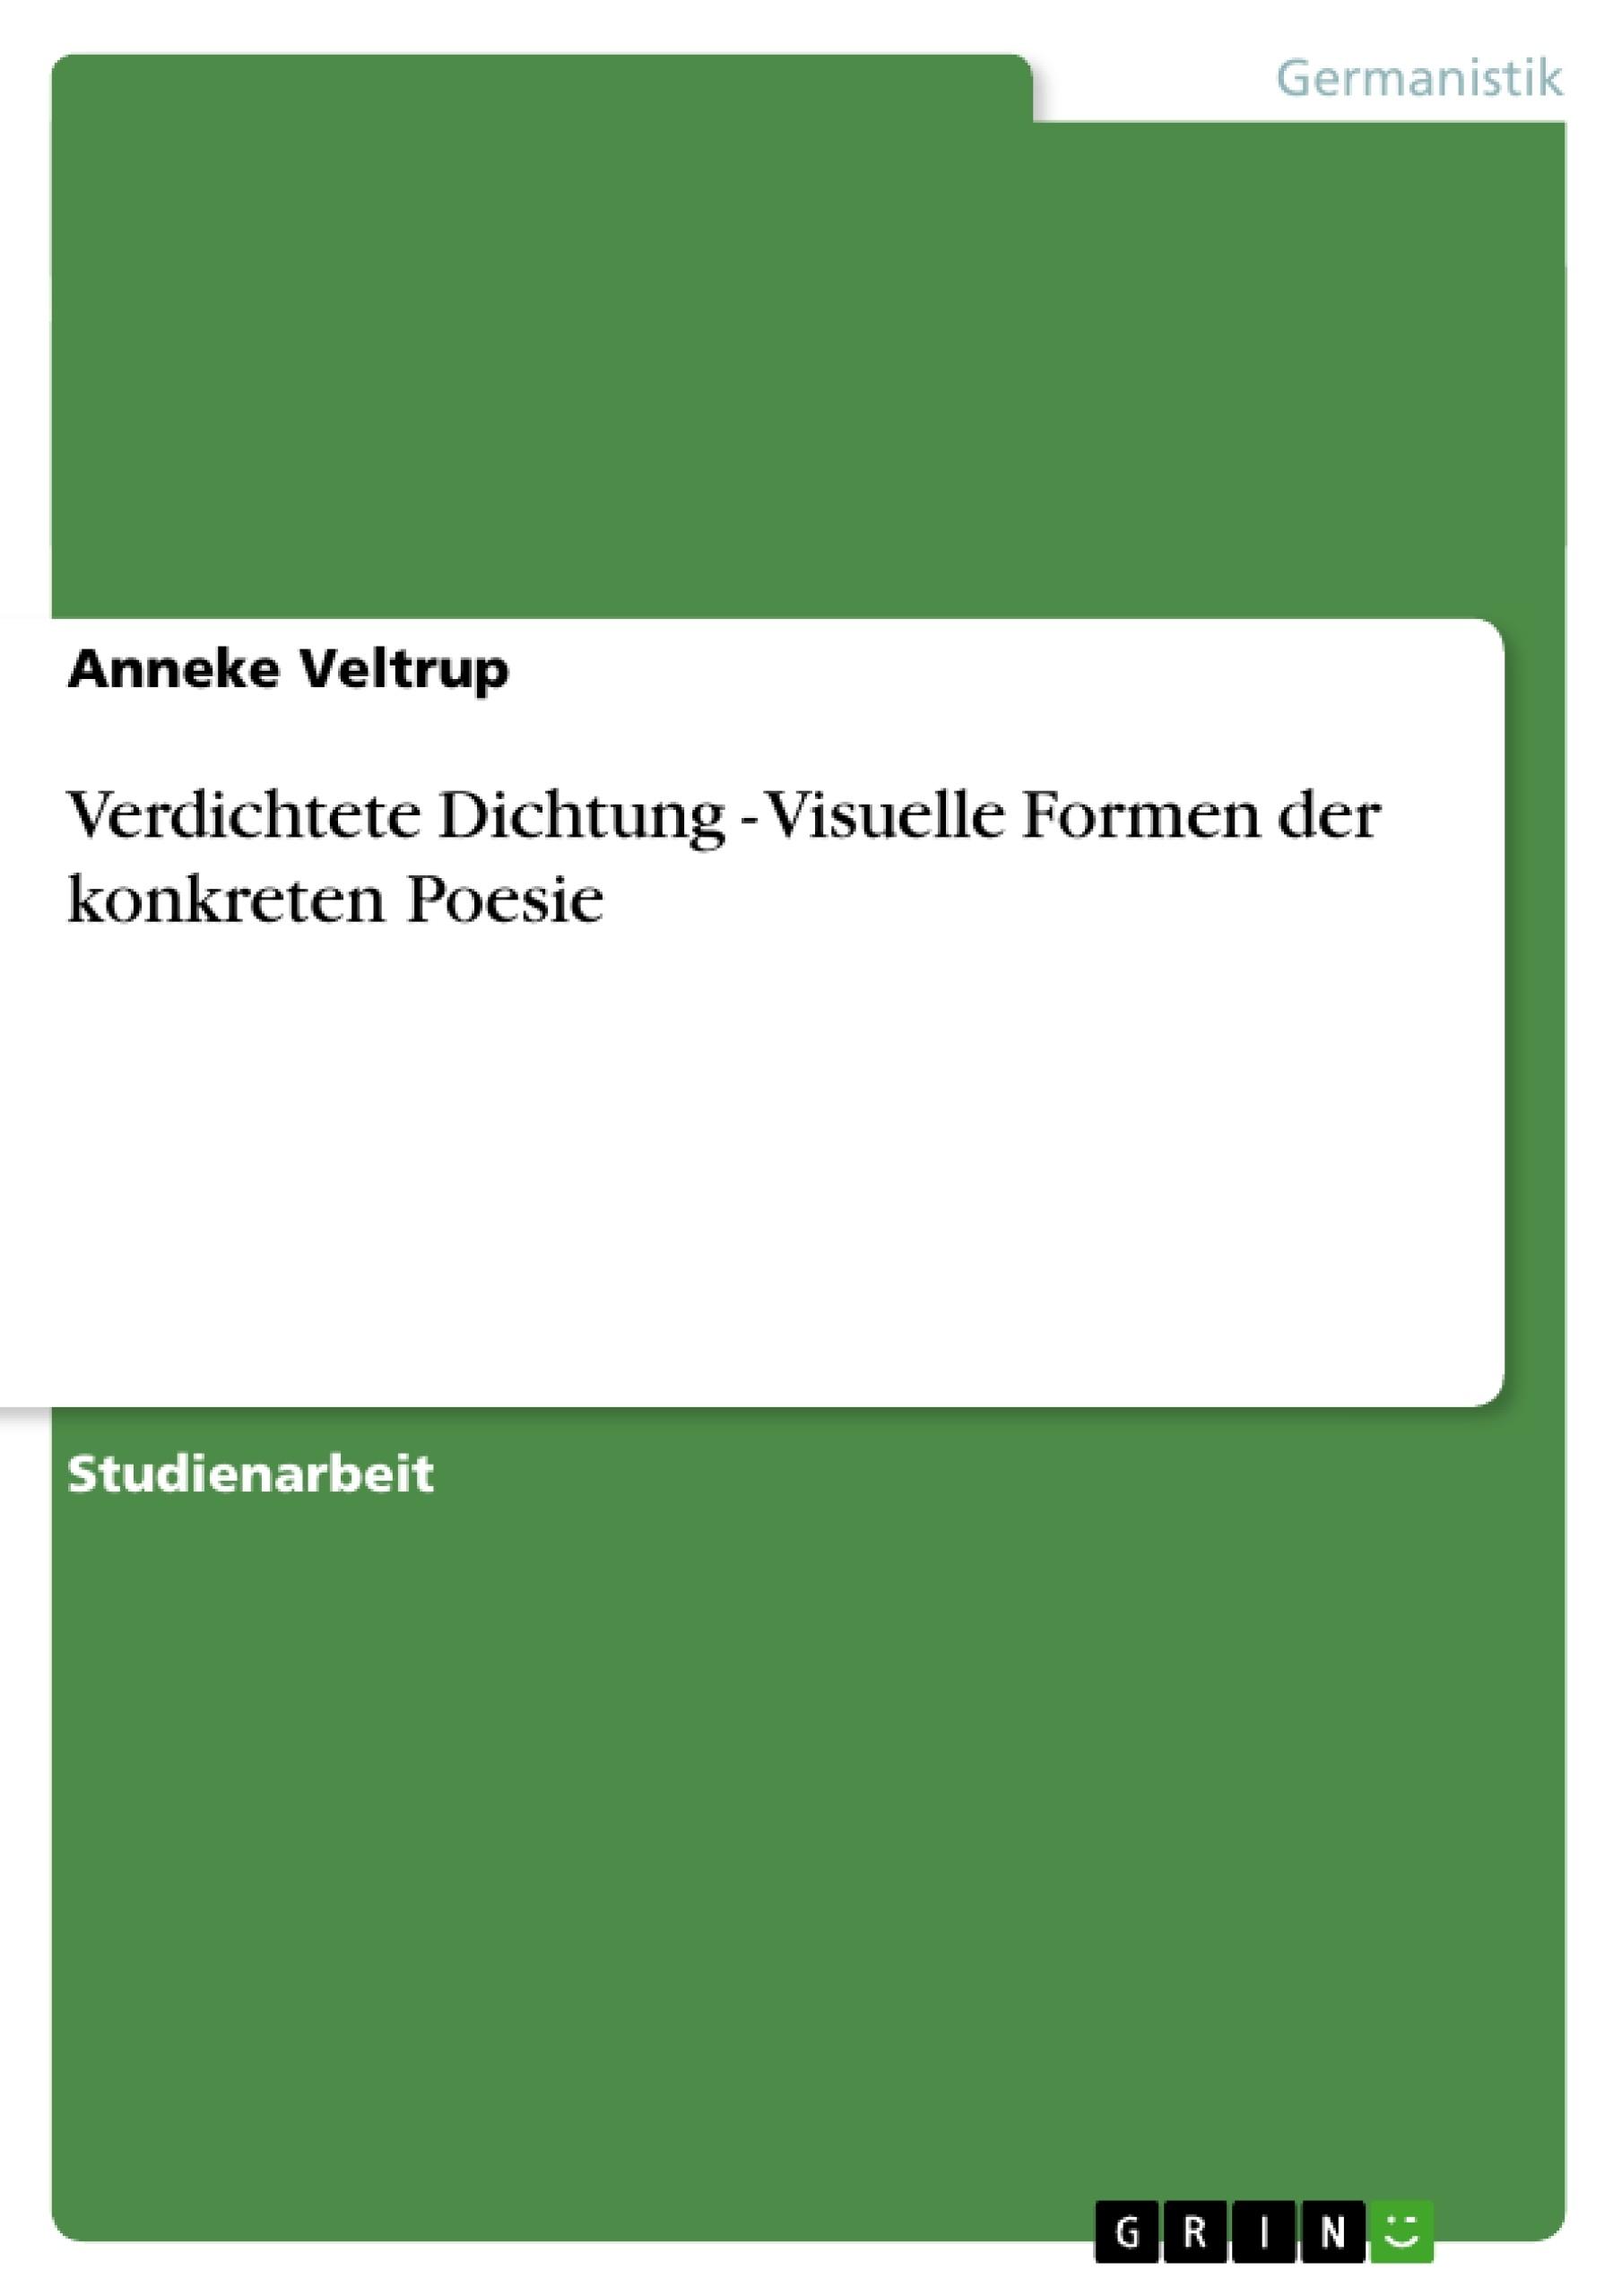 Titel: Verdichtete Dichtung - Visuelle Formen der konkreten Poesie